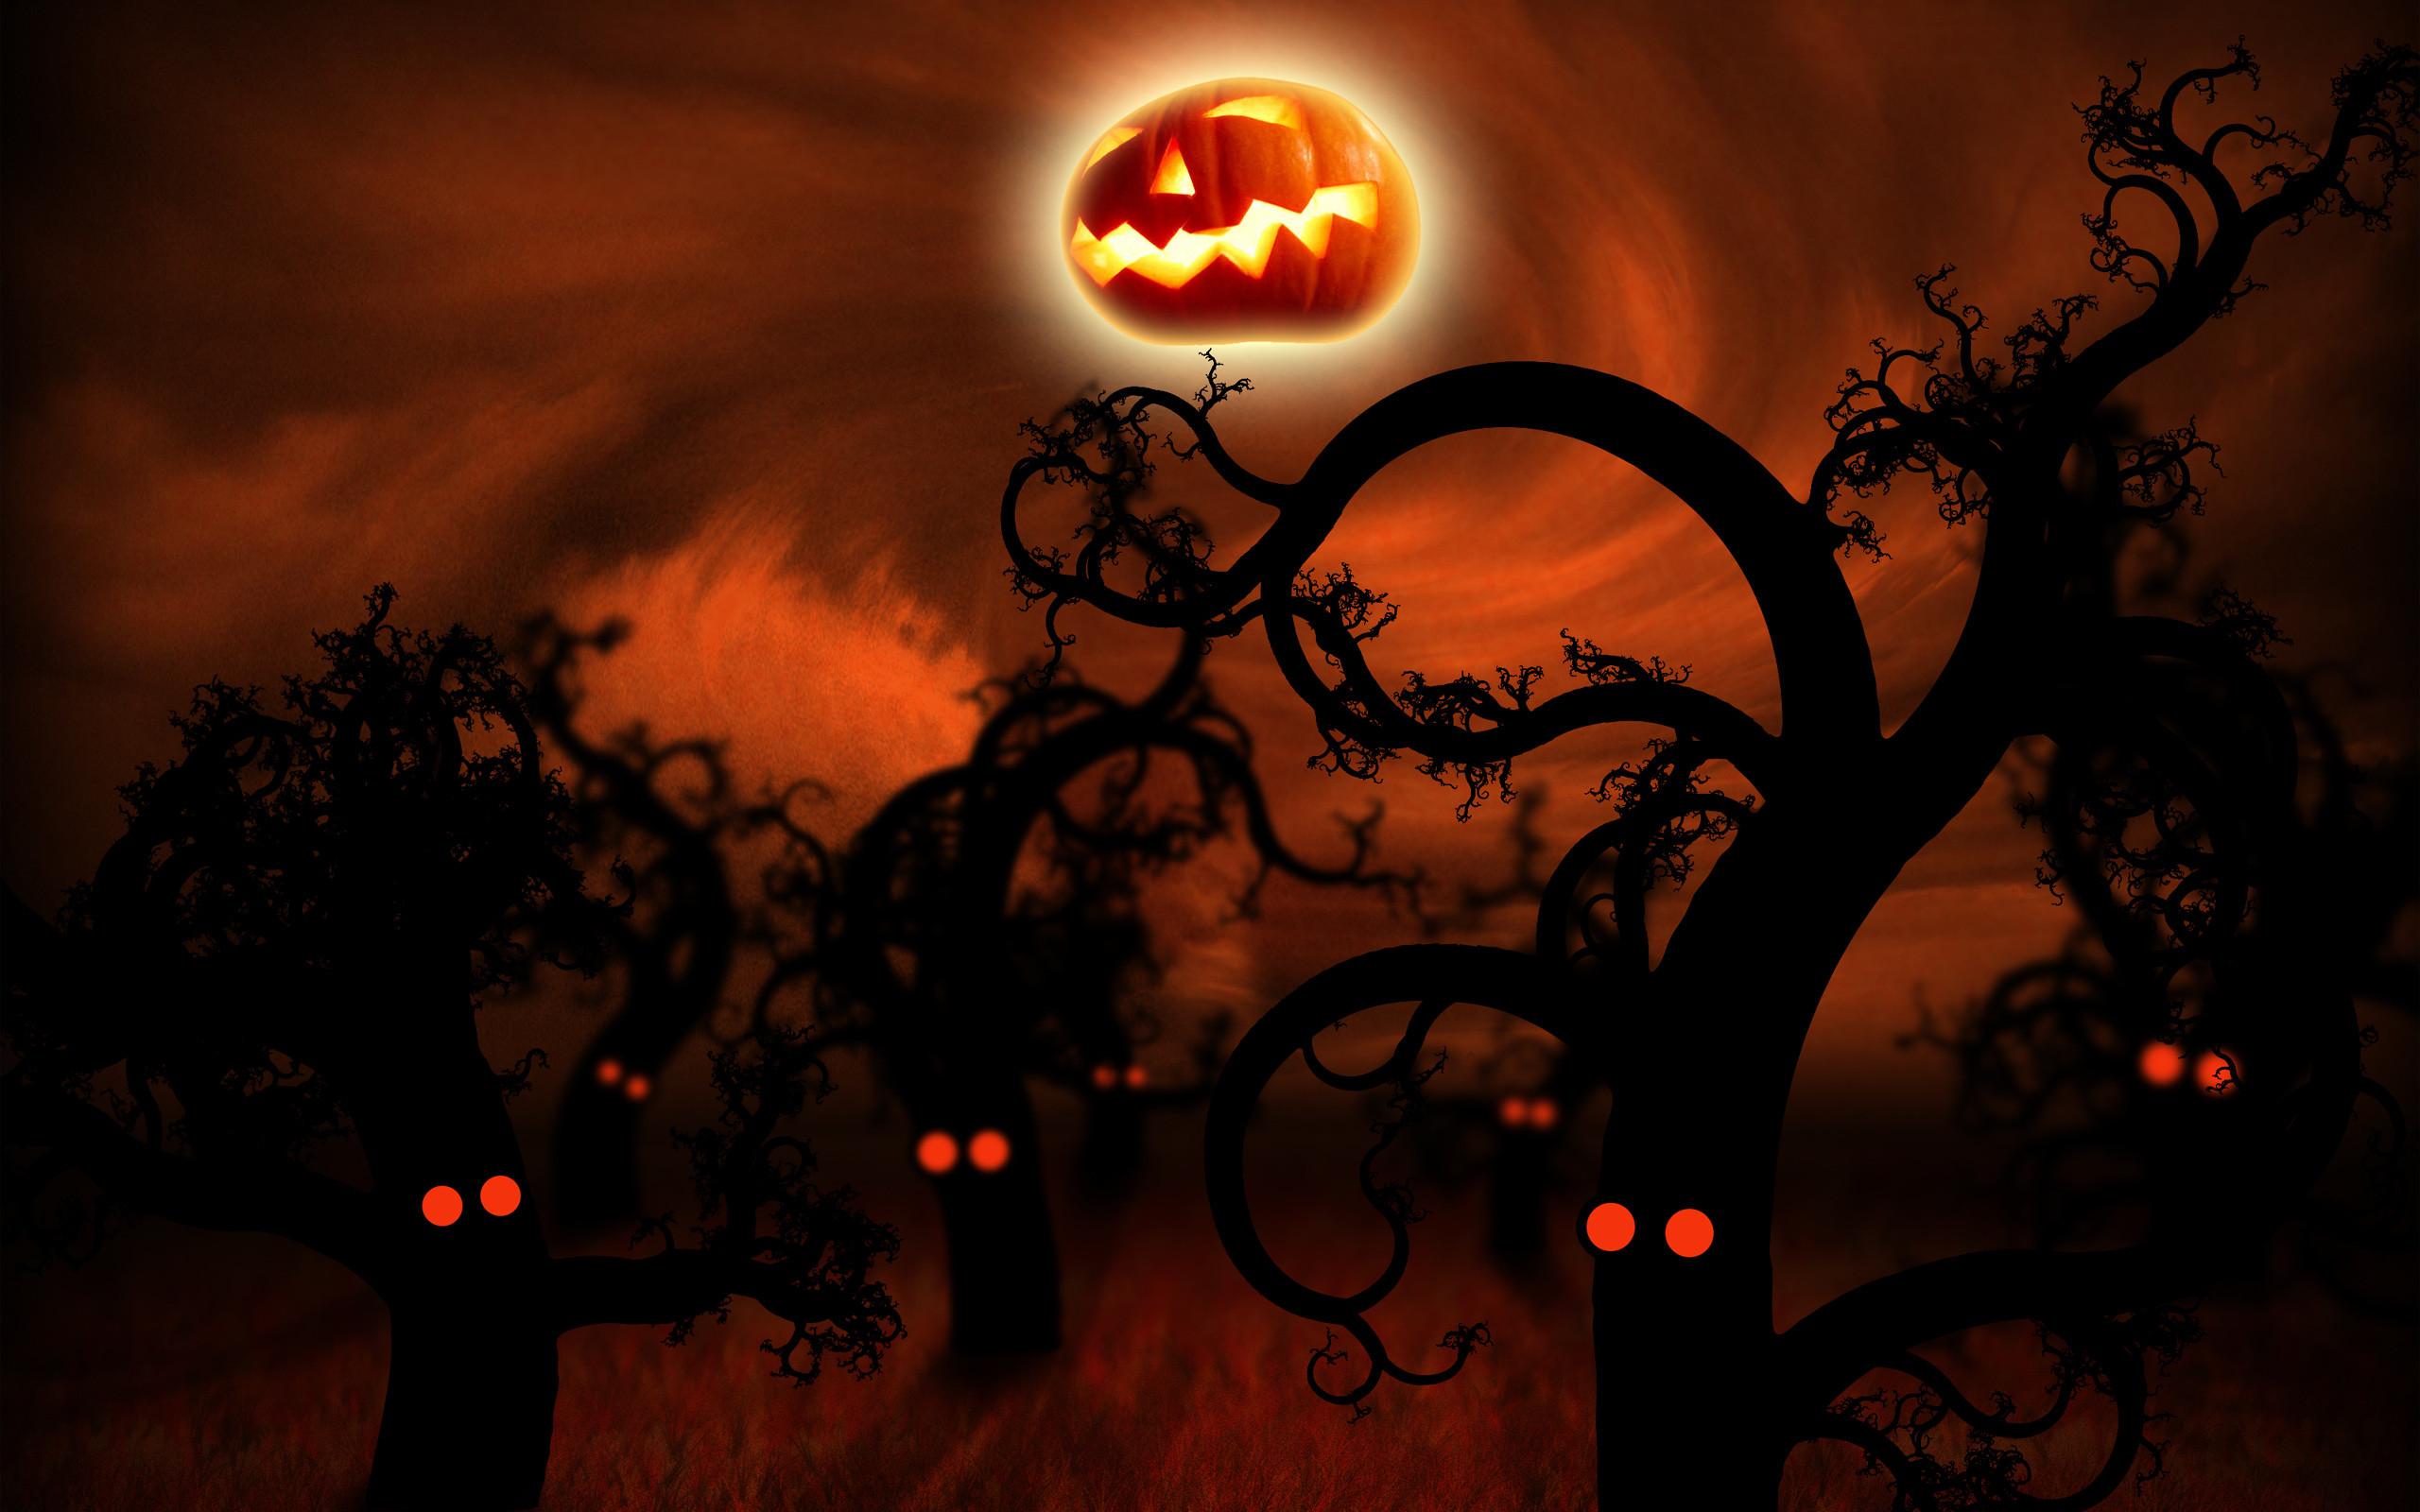 Halloween Wallpapers | Halloween 2013 HD Wallpapers & Desktop .